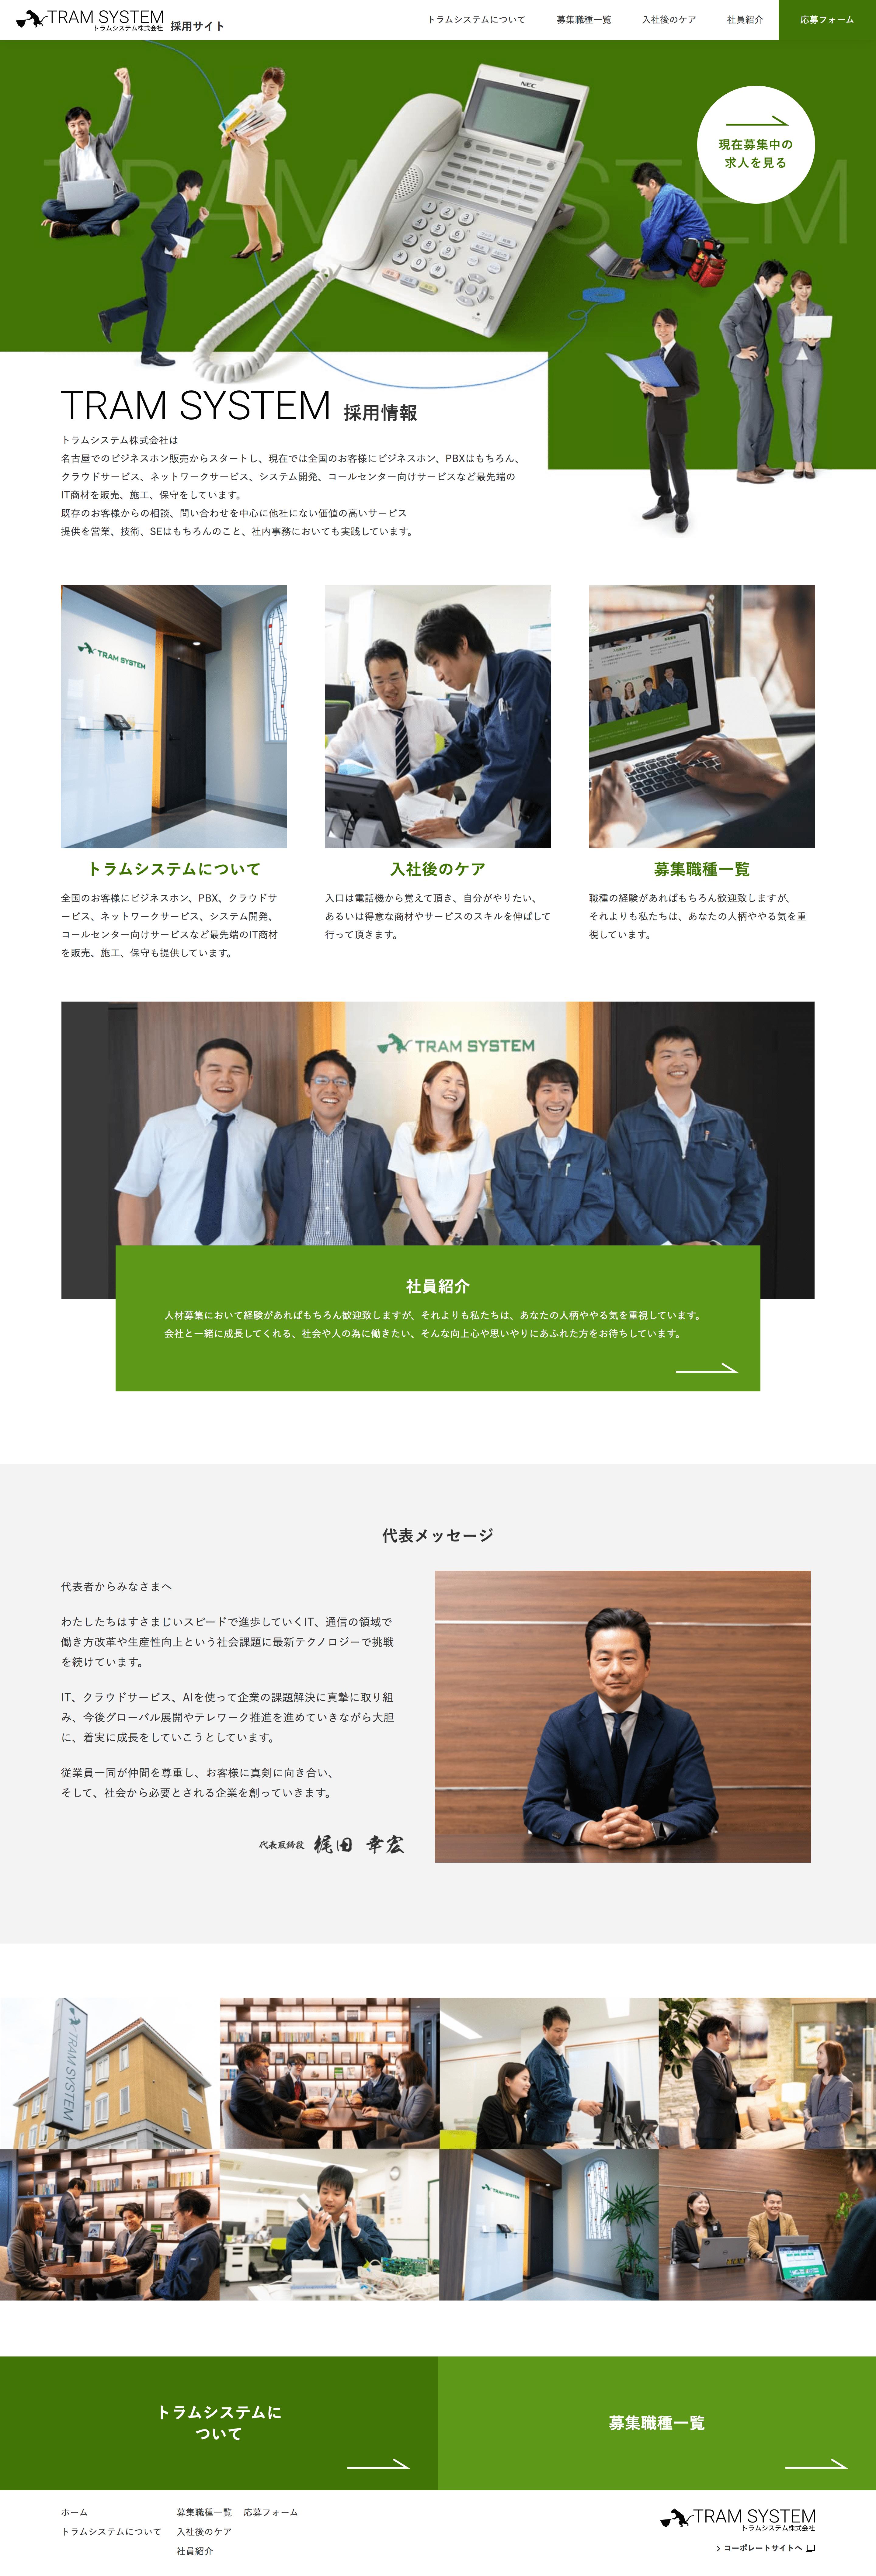 トラムシステム株式会社 採用情報サイト